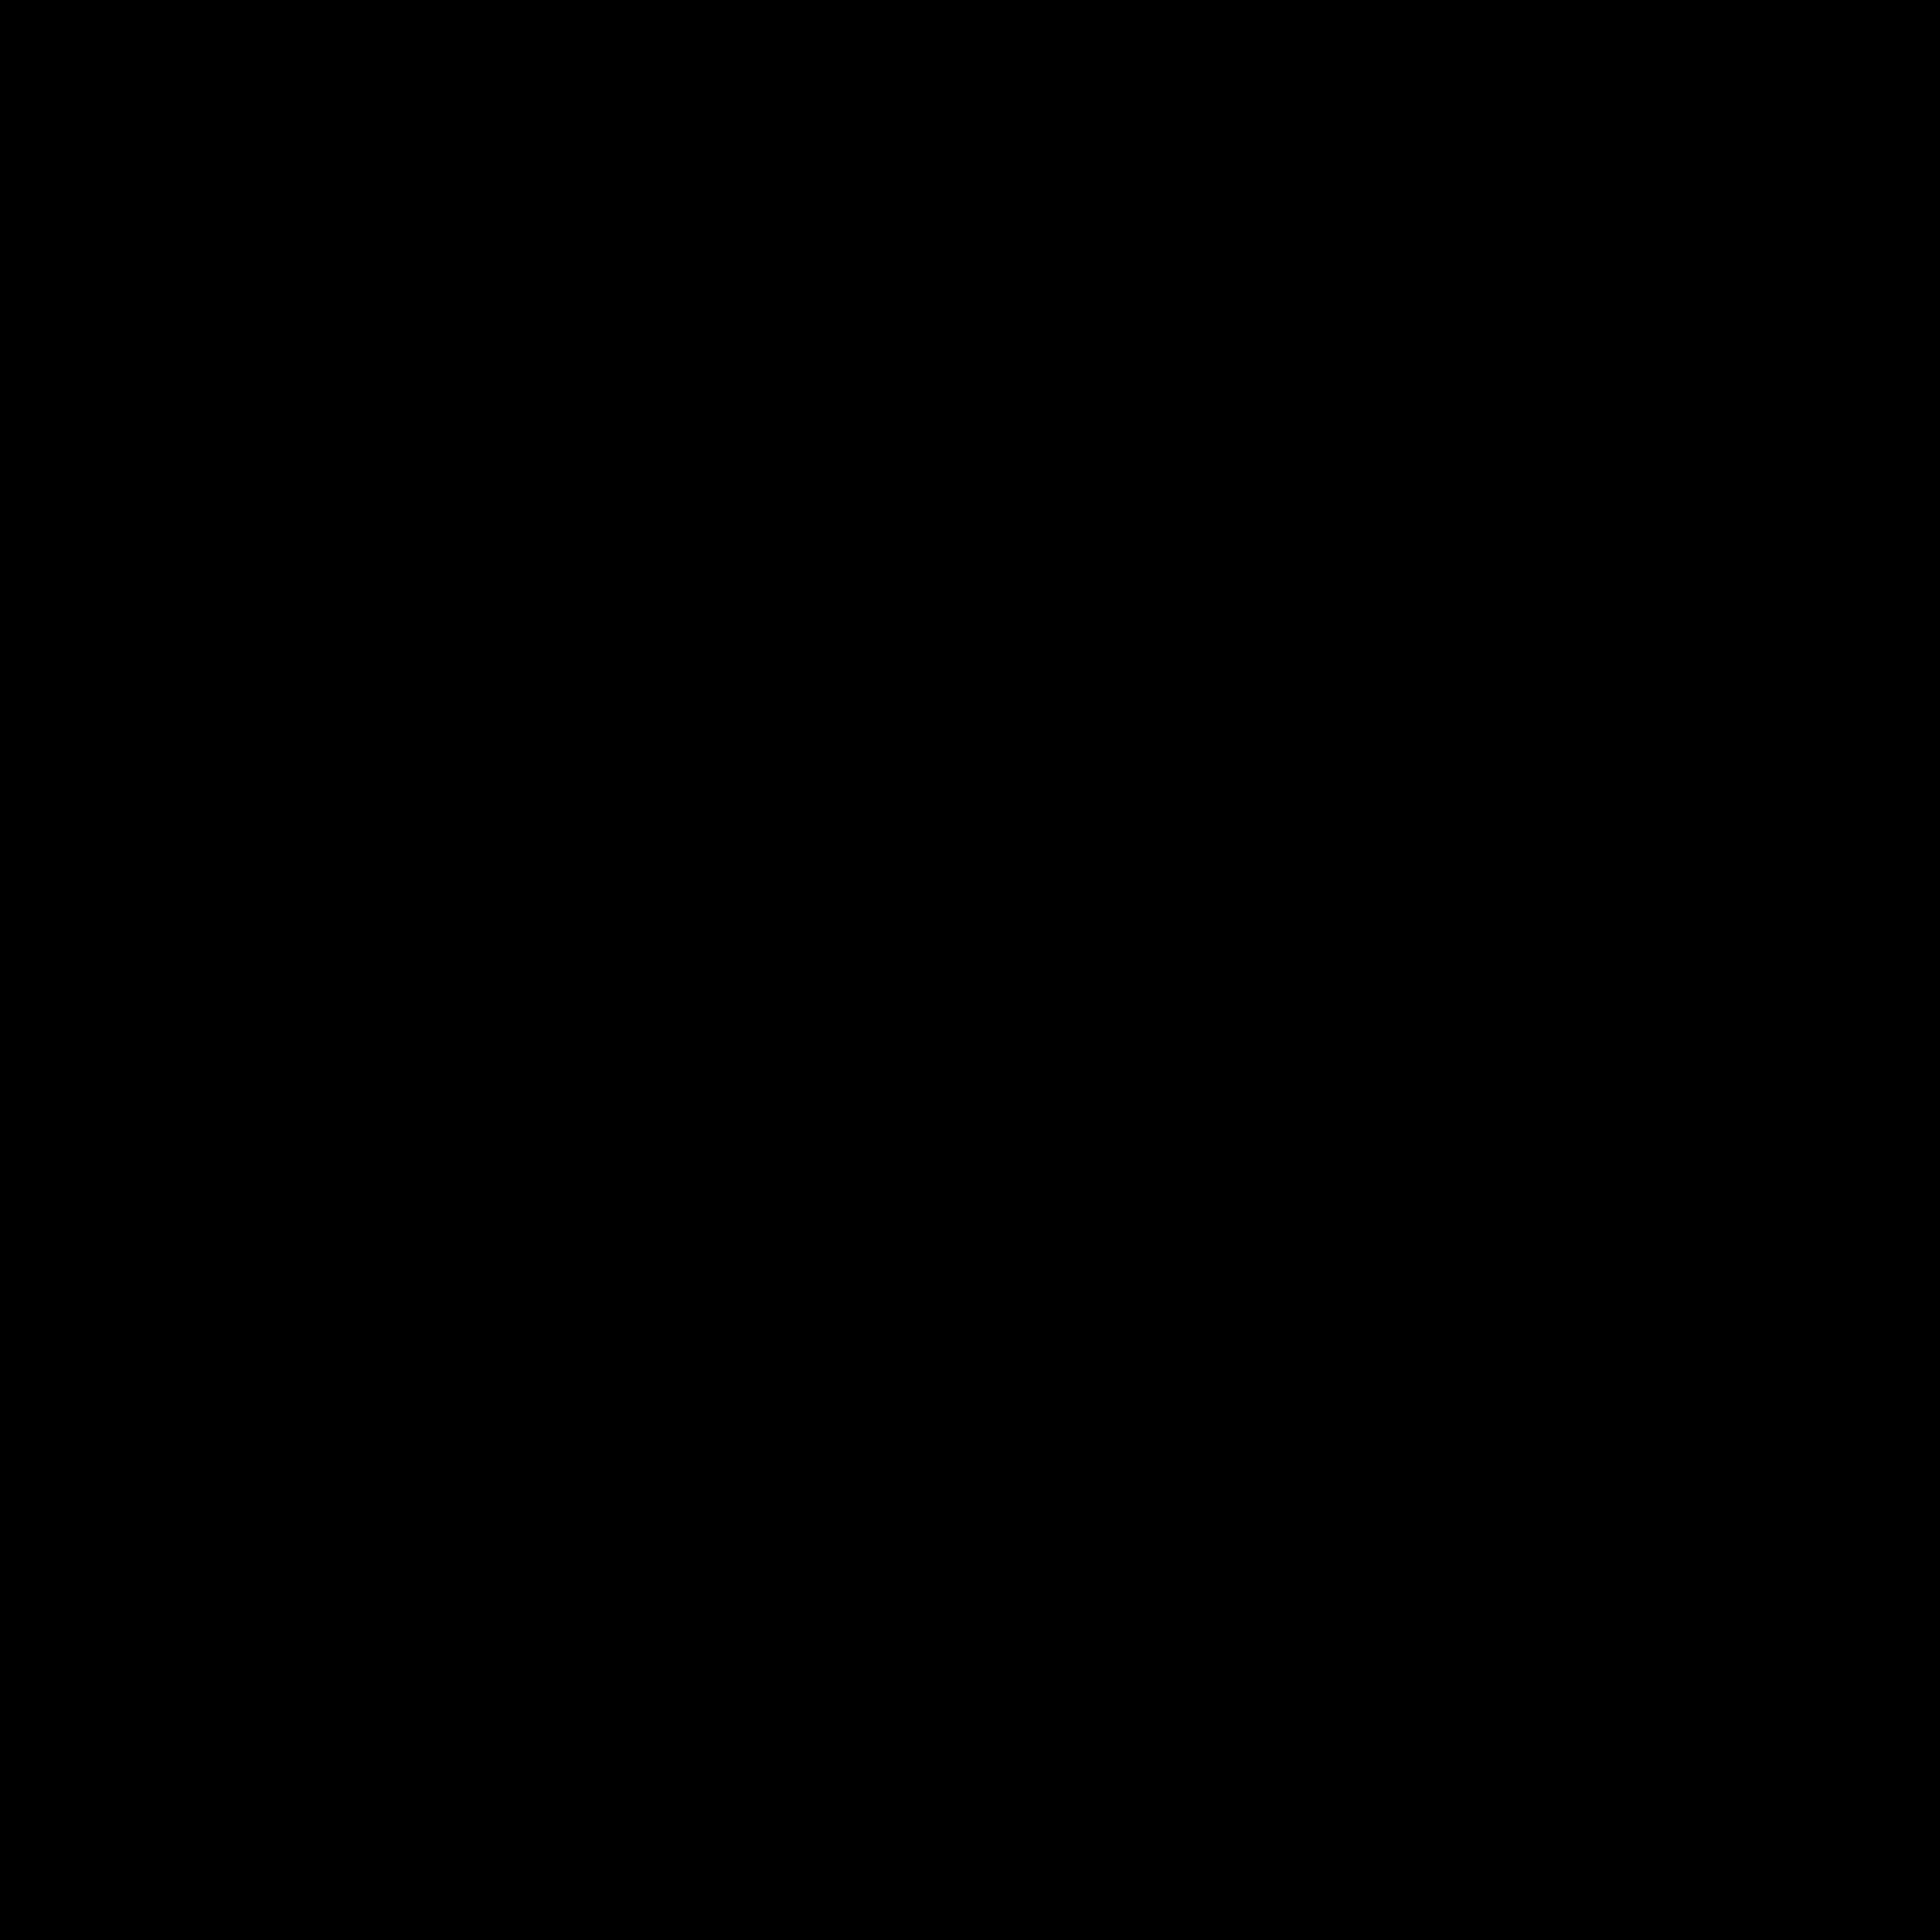 Artikel-30_Stressampel